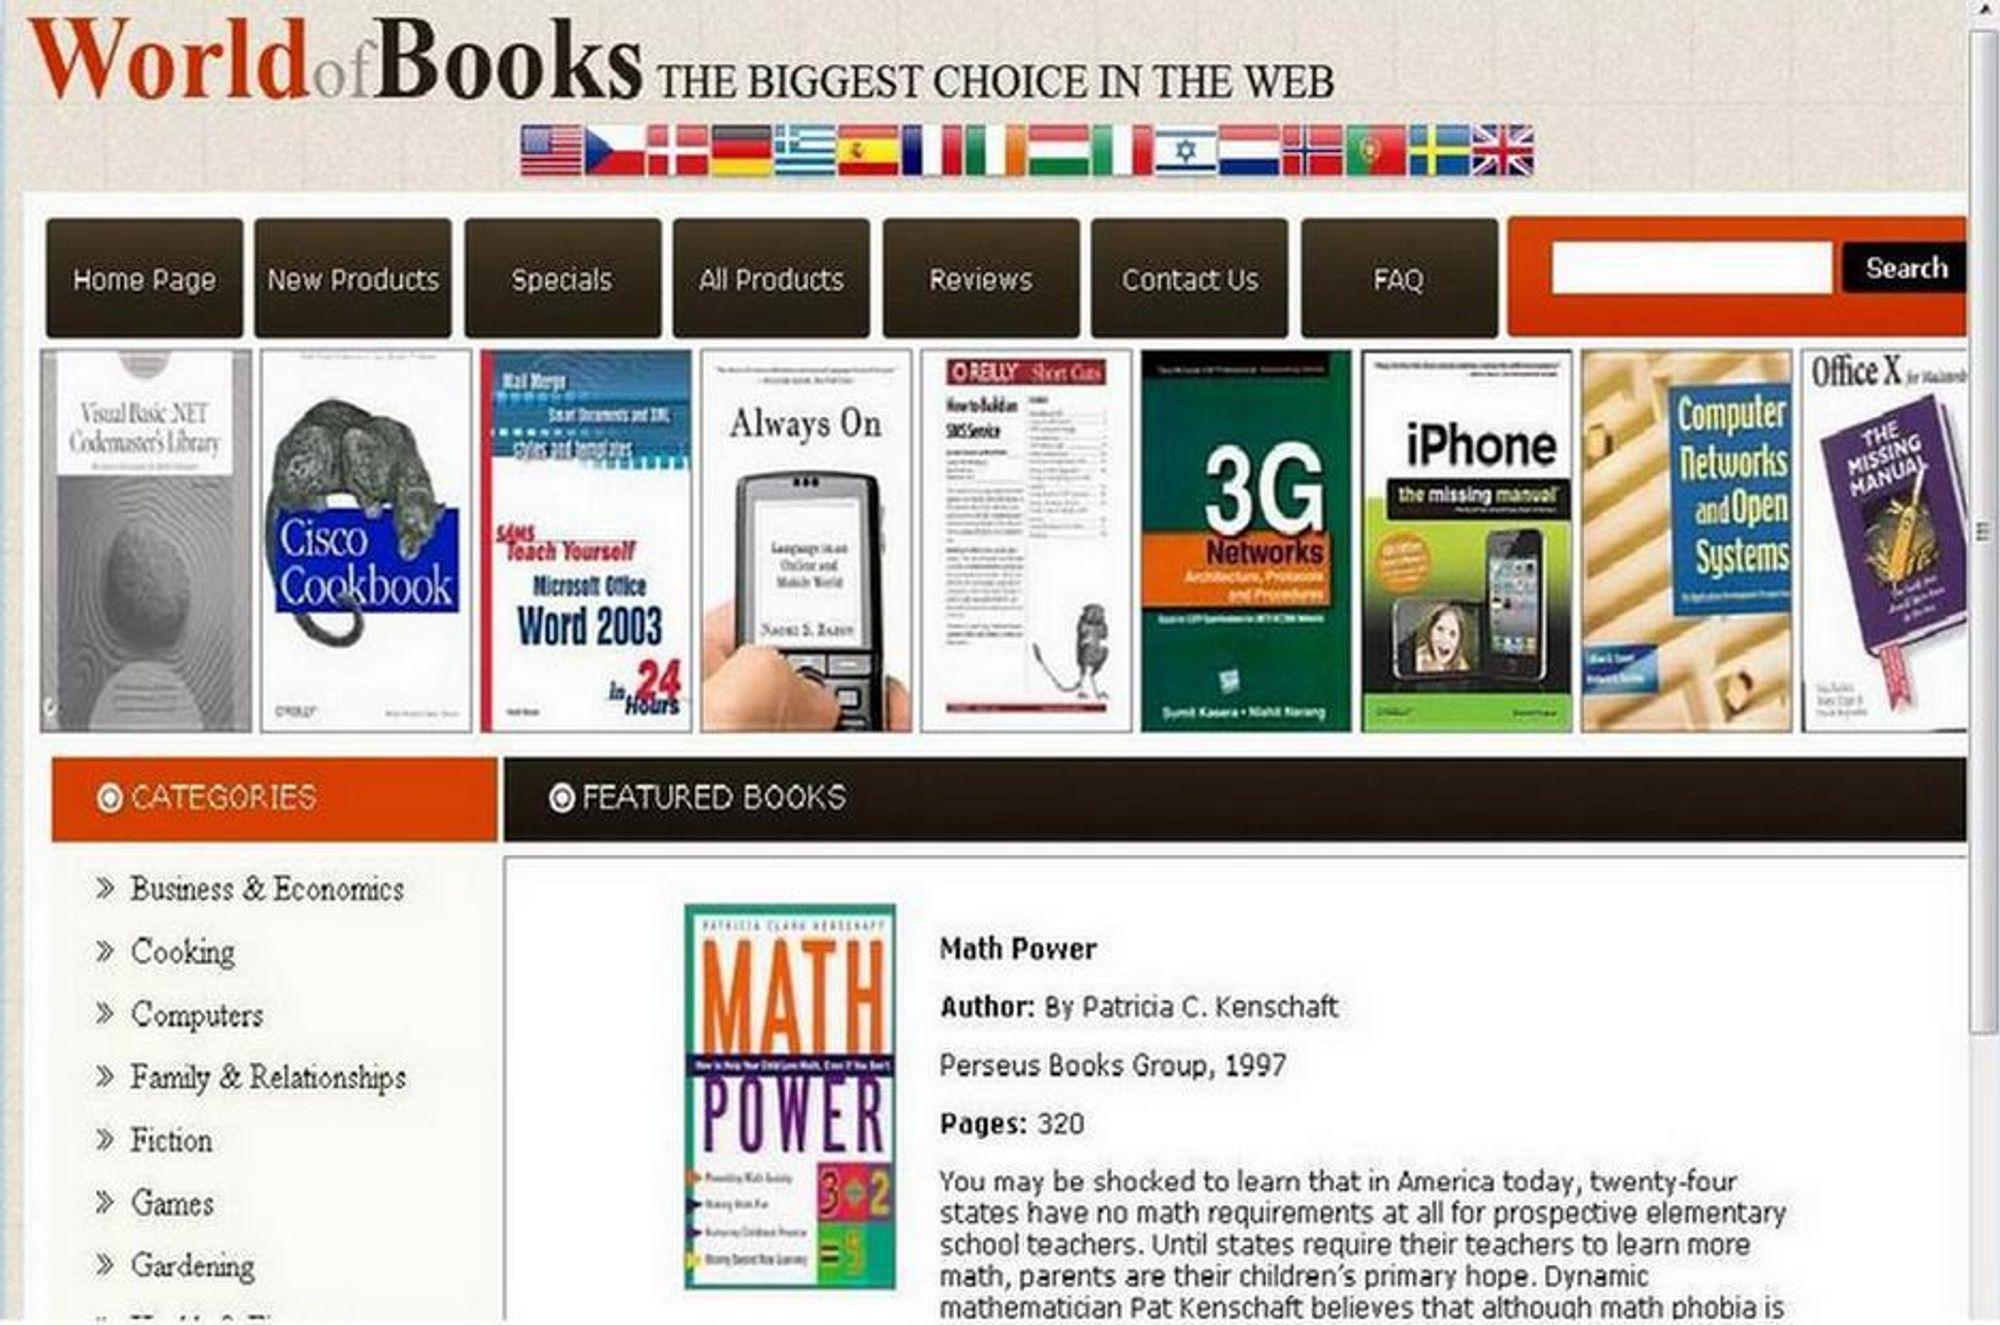 JUKS: Denne nettbokhandelen ser ut til å tilby gratis e-bøker, men har i virkeligheten til formål å spre skadelig programvare.